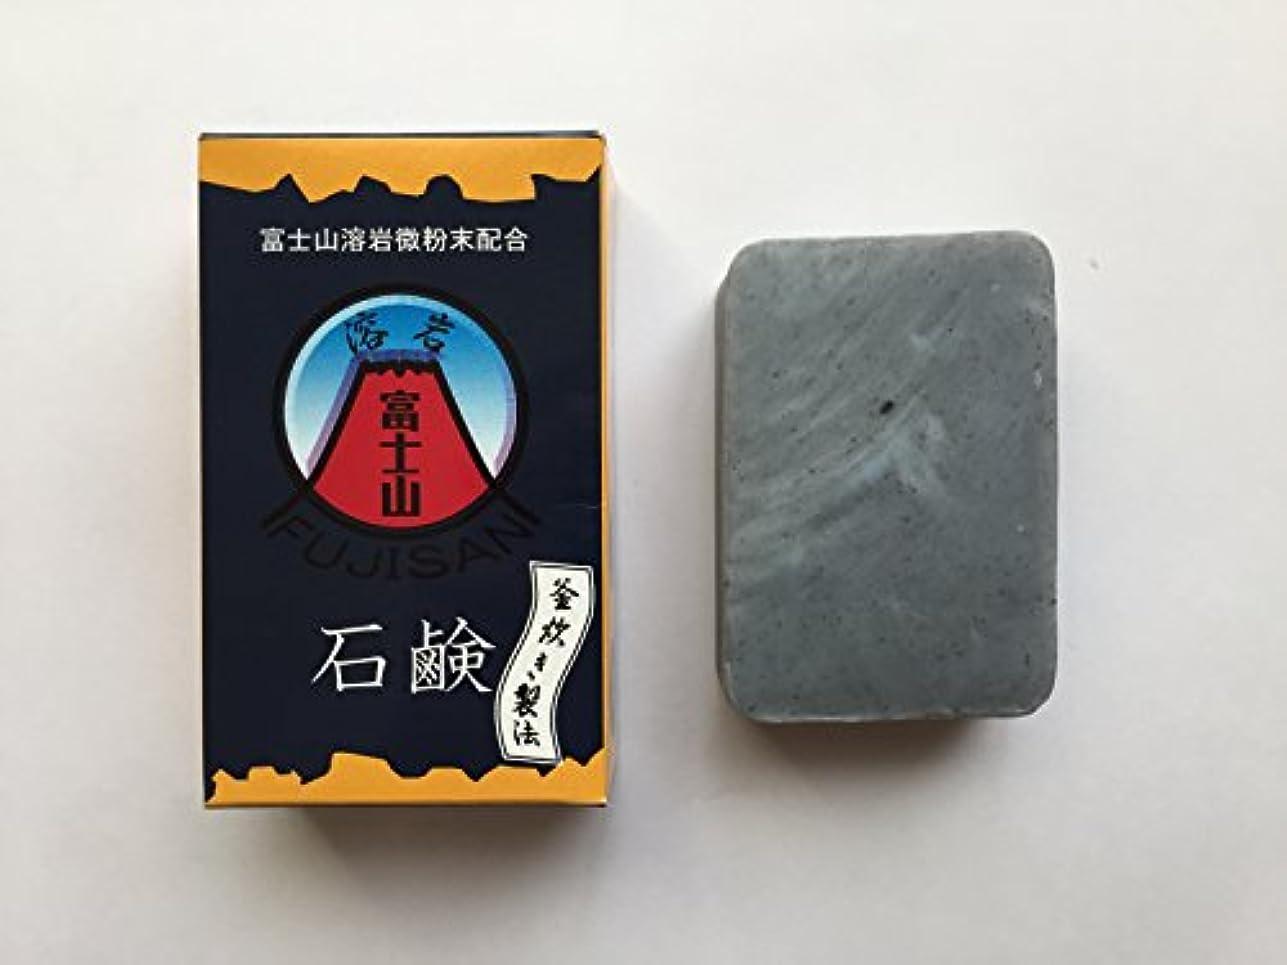 小学生うそつき古代富士山溶岩石鹸 80g/個×3個セット